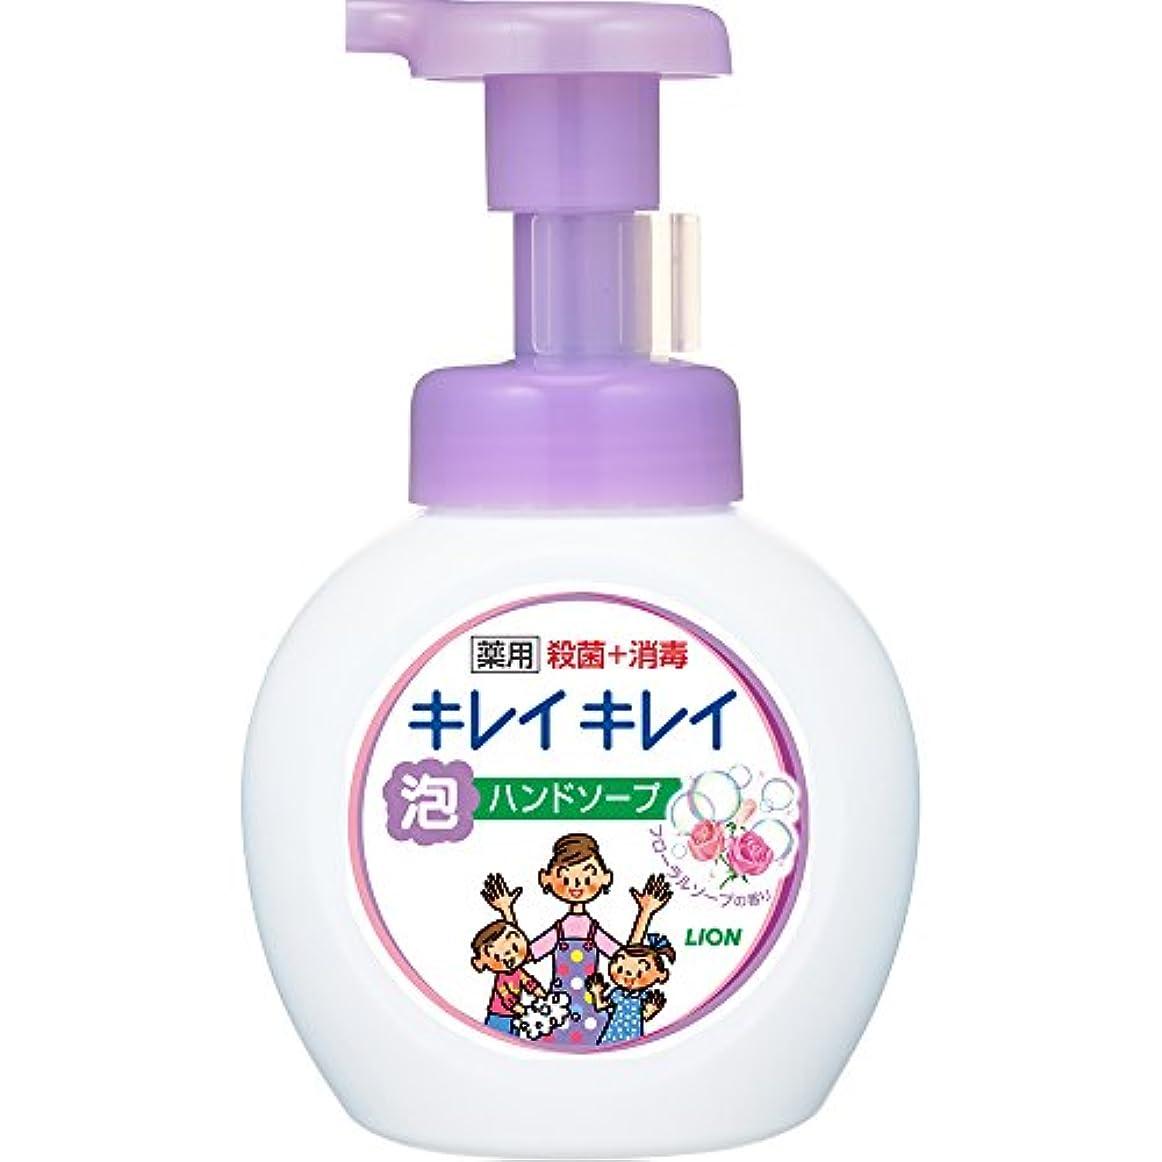 優れた減らす結紮キレイキレイ 薬用泡ハンドソープ フローラルソープの香り 本体ポンプ 250mL